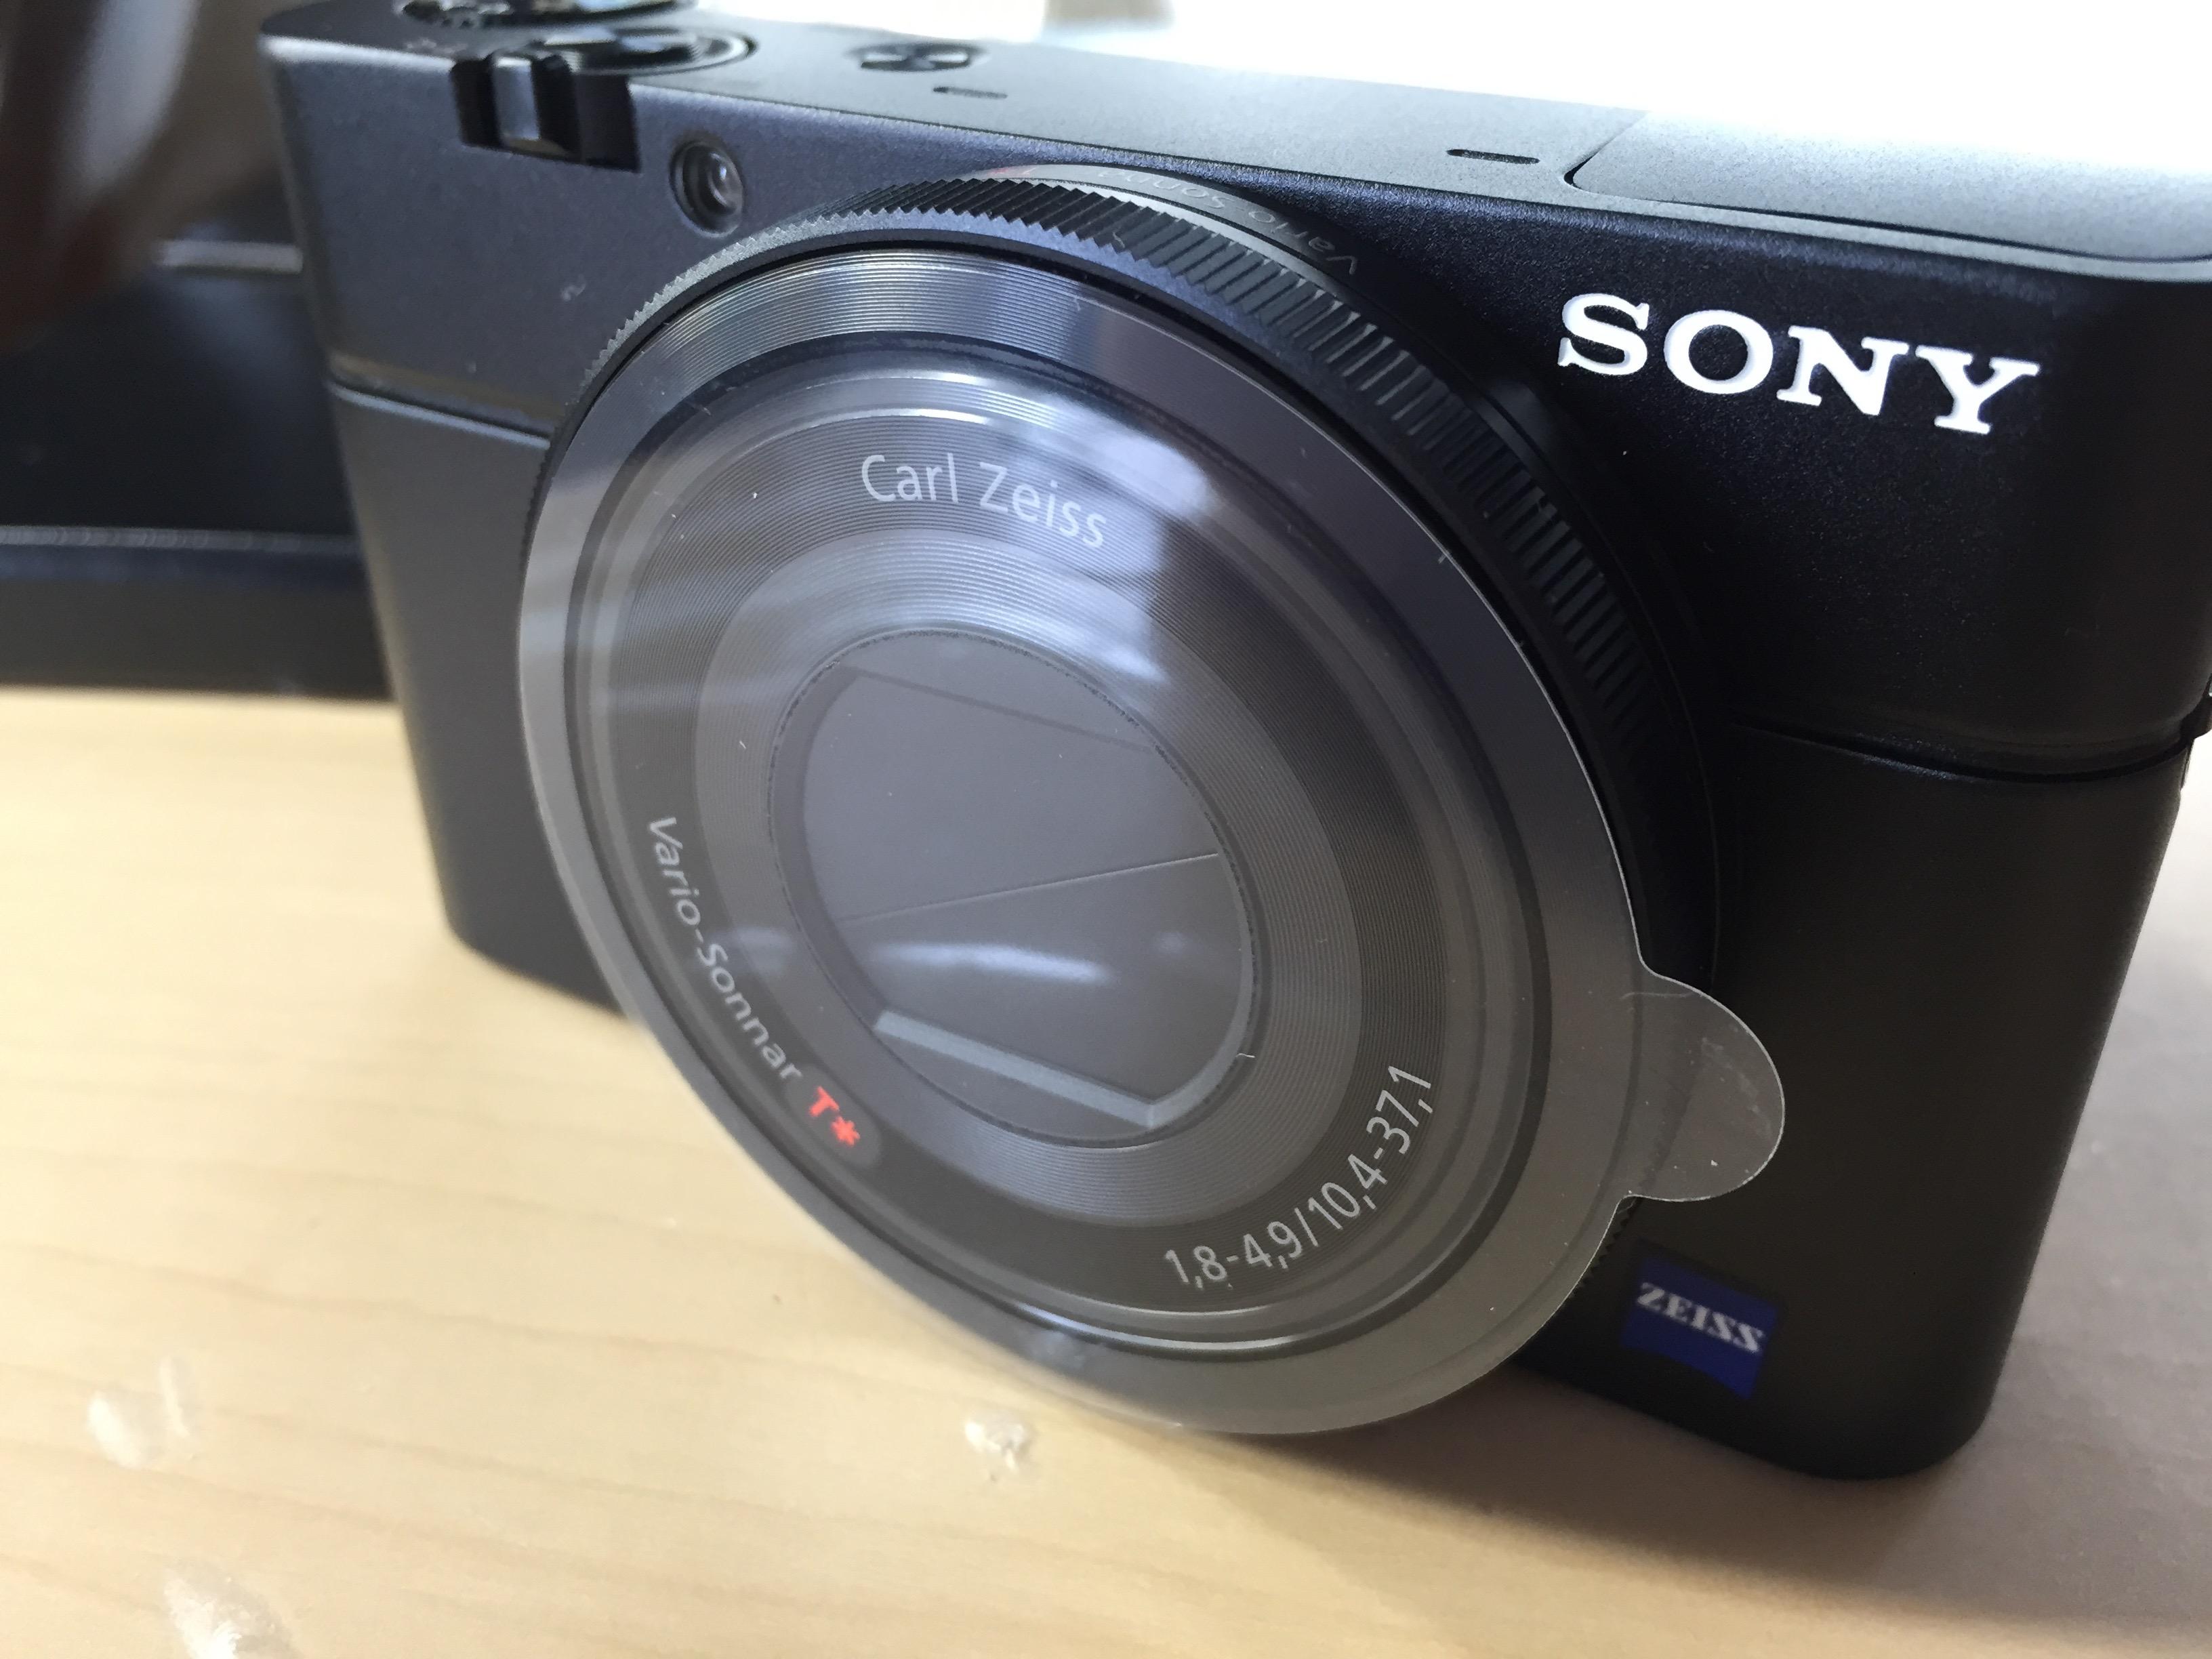 SONYの高級コンデジRX100をようやく購入!※RX100M3ではない